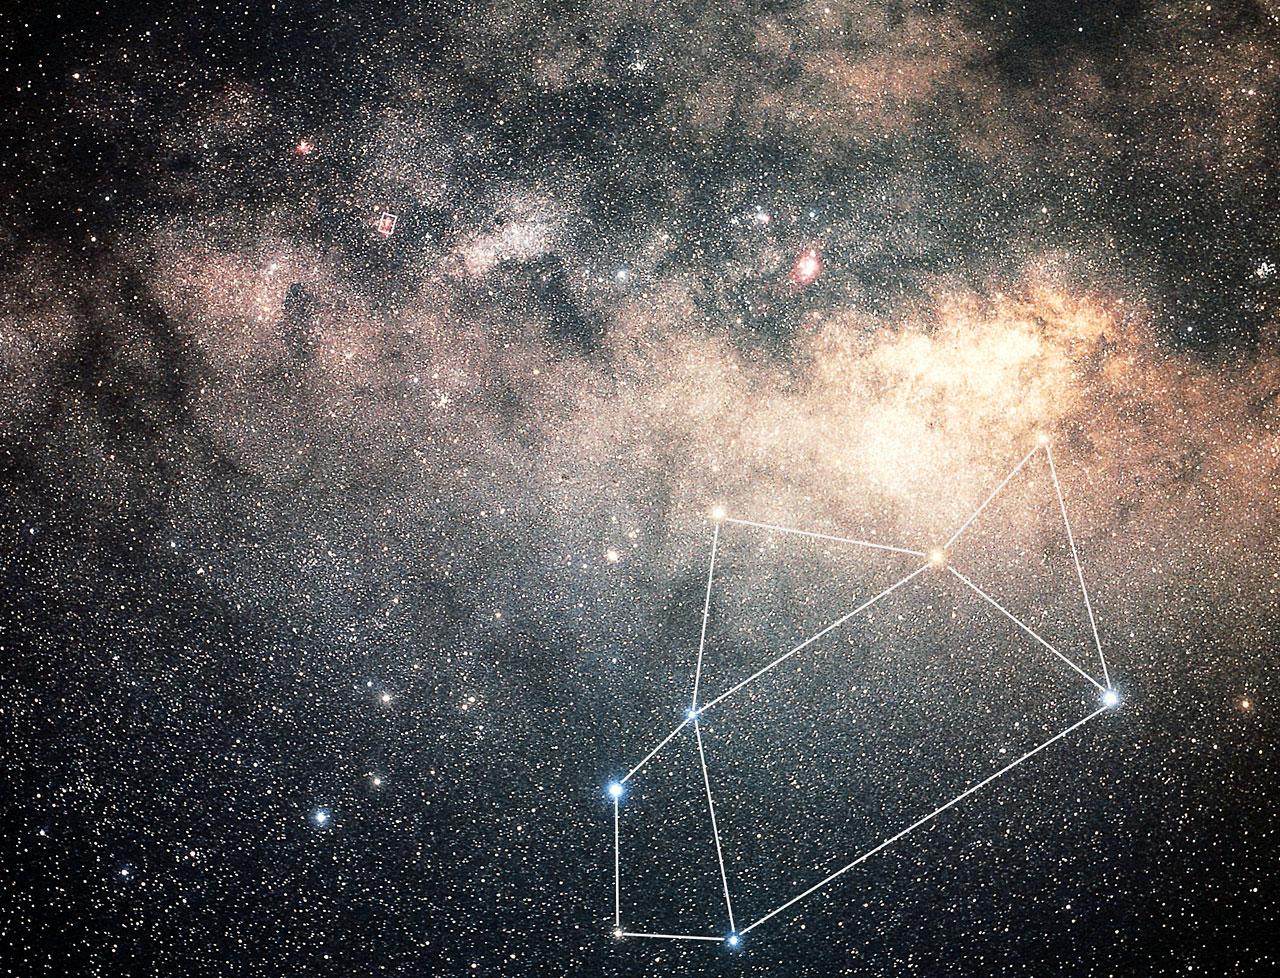 Sagittarius Constellation Ground Based Image Esa Hubble